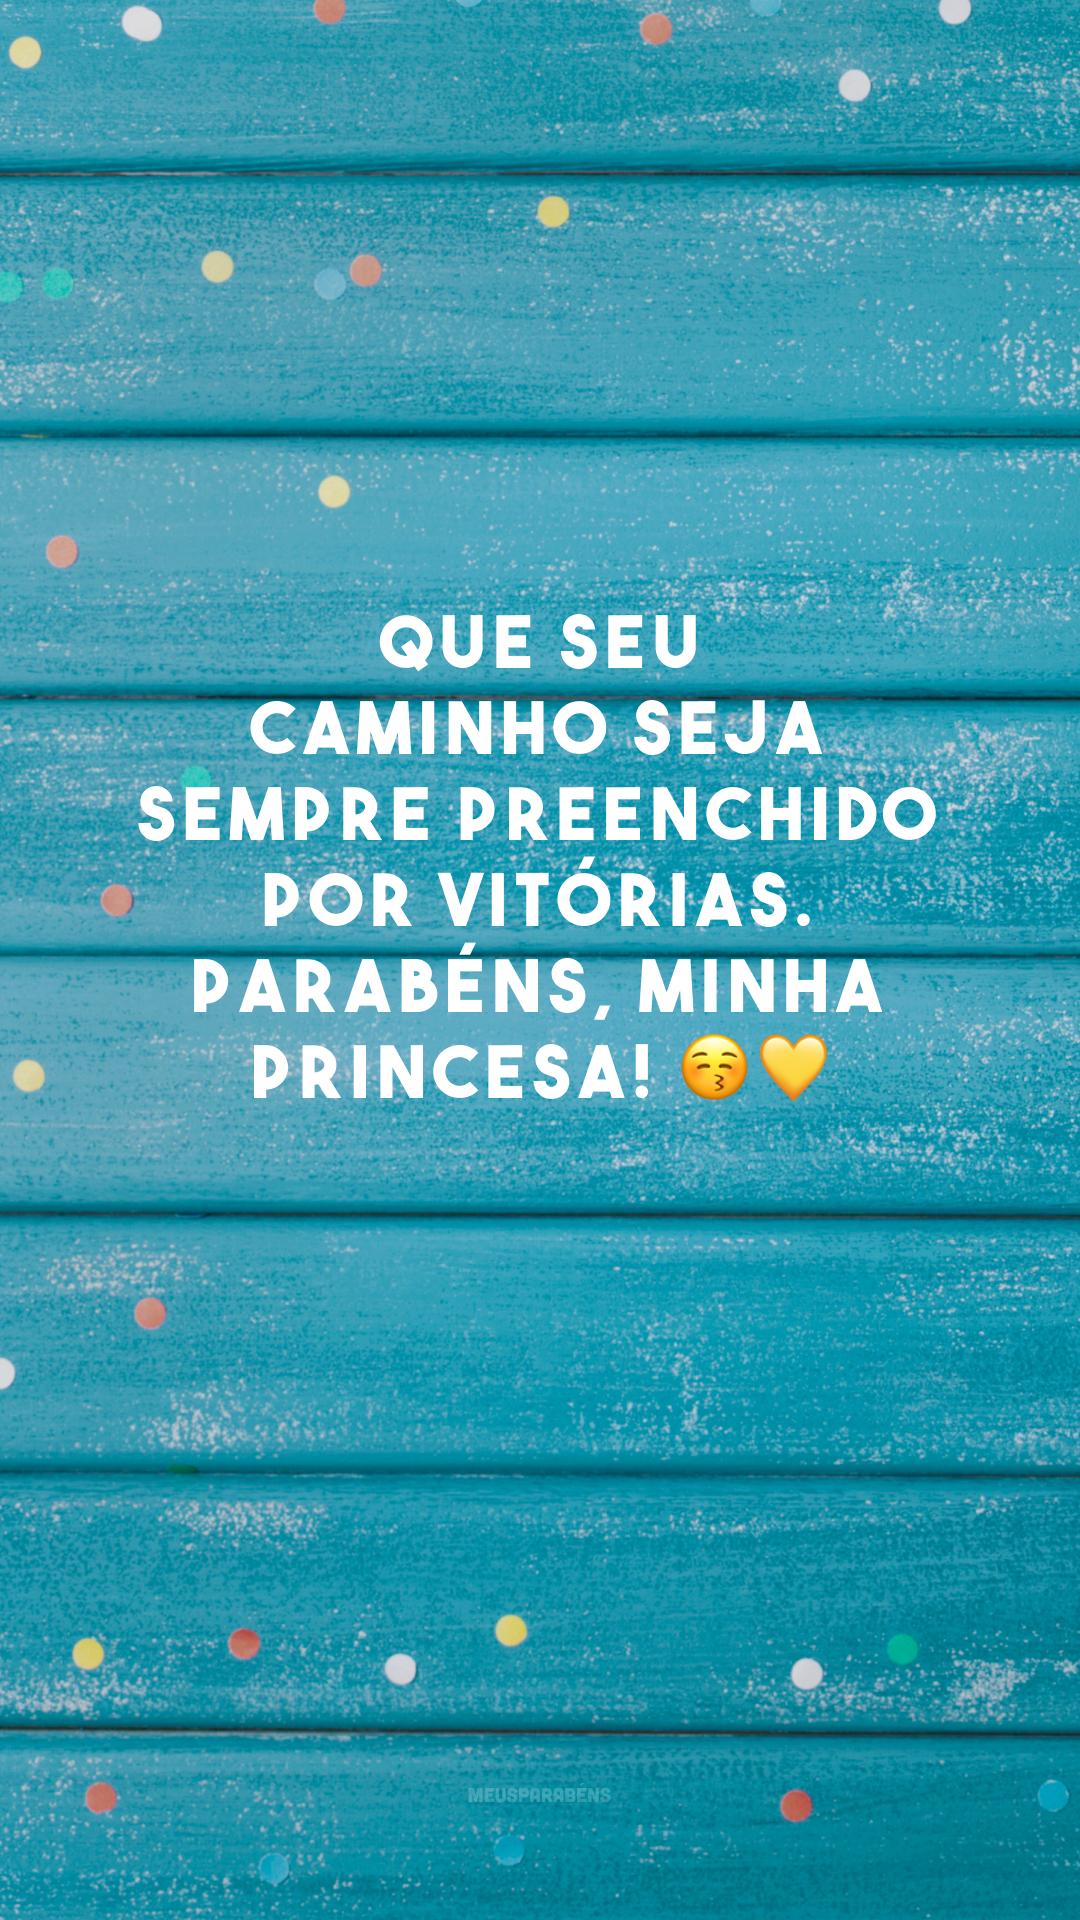 Que seu caminho seja sempre preenchido por vitórias. Parabéns, minha princesa! 😚💛